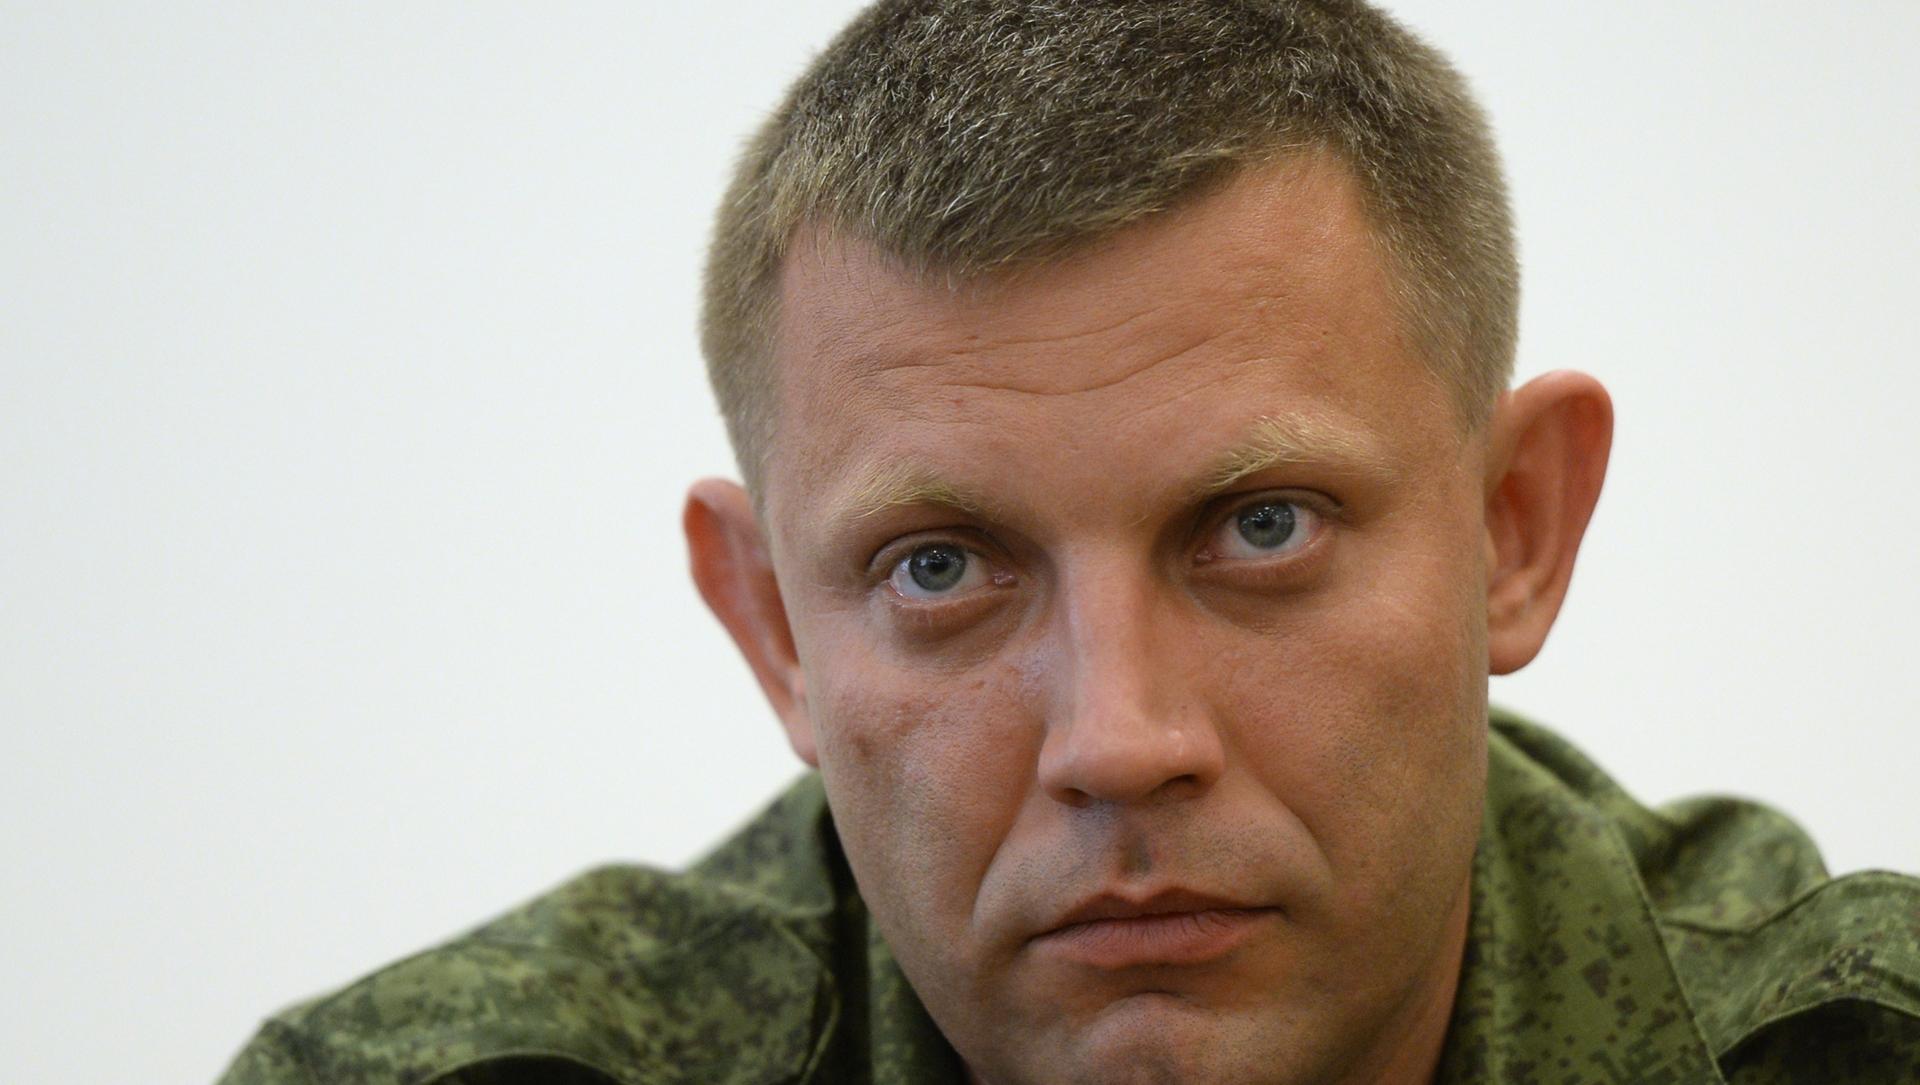 """Ватажок бойовиків """"ДНР"""" заявив, що """"прийде як господар"""" в Одесу, Миколаїв і Каховку"""